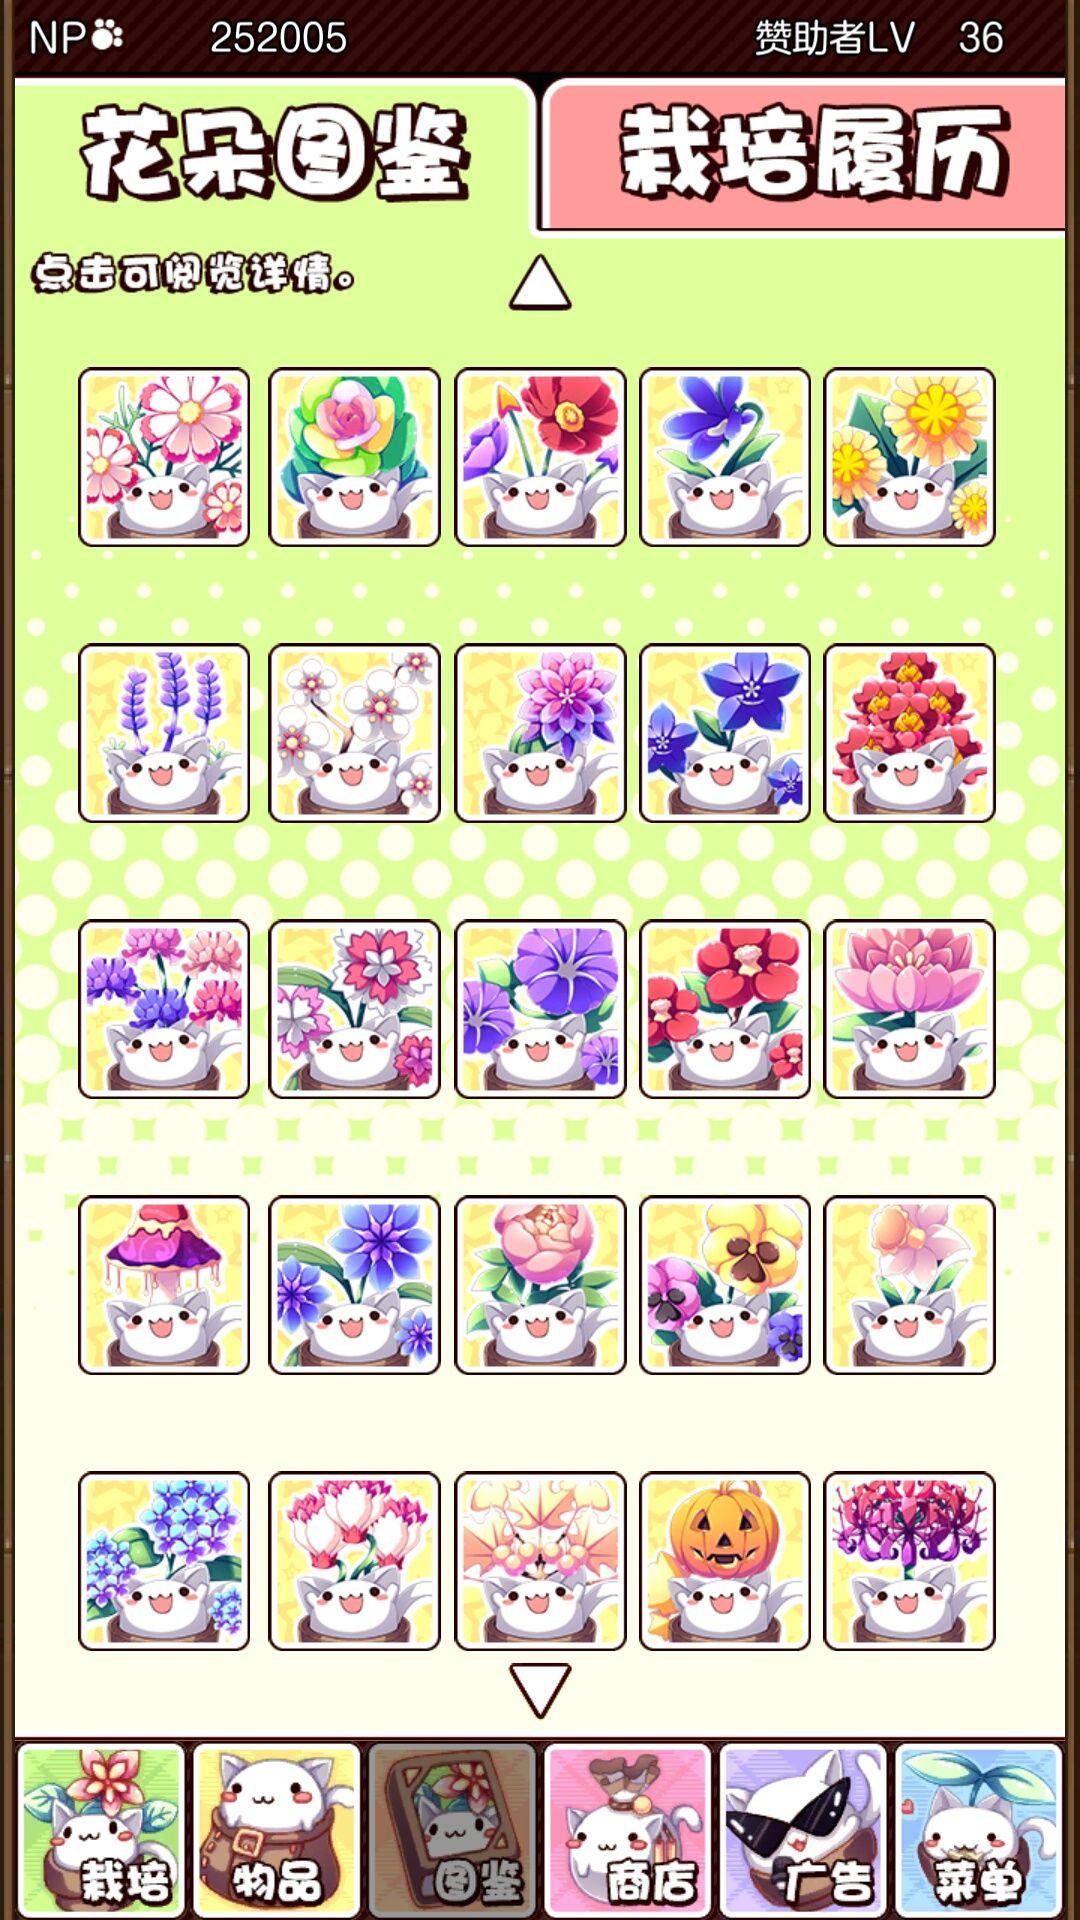 猫咪花盆花朵配方大全 花朵组合汇总[图]